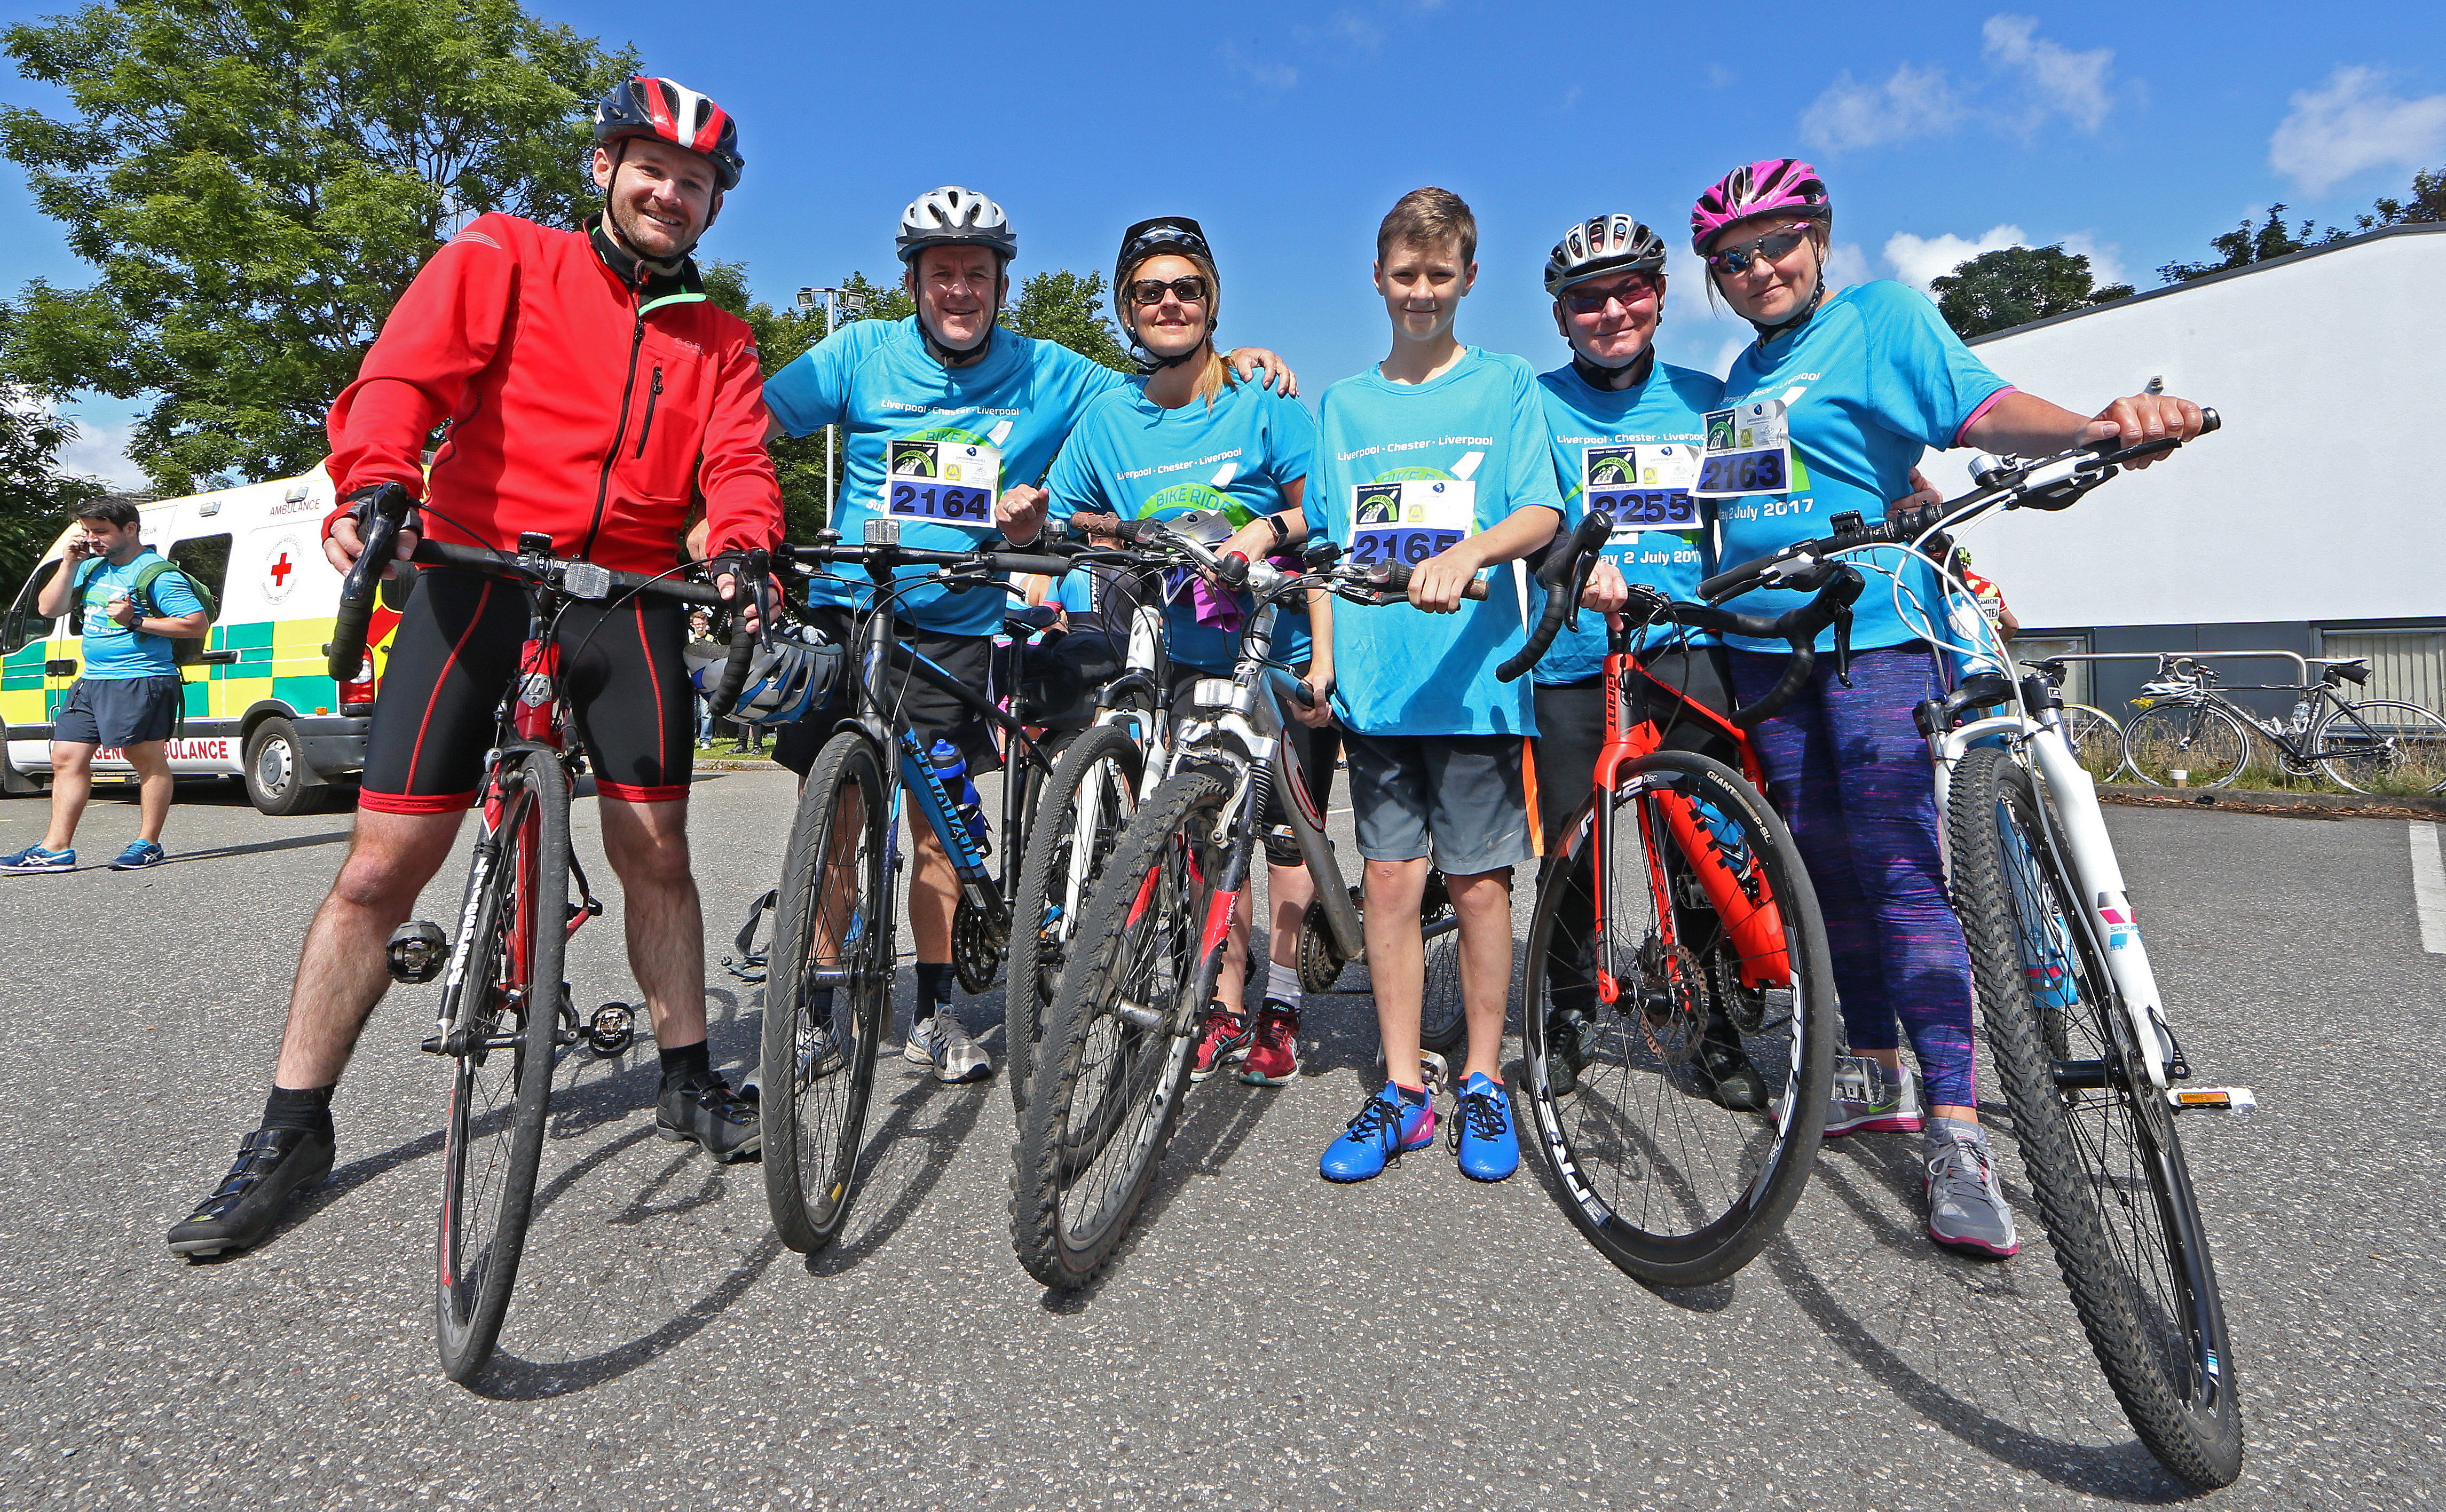 Liverpool Chester Bike Ride